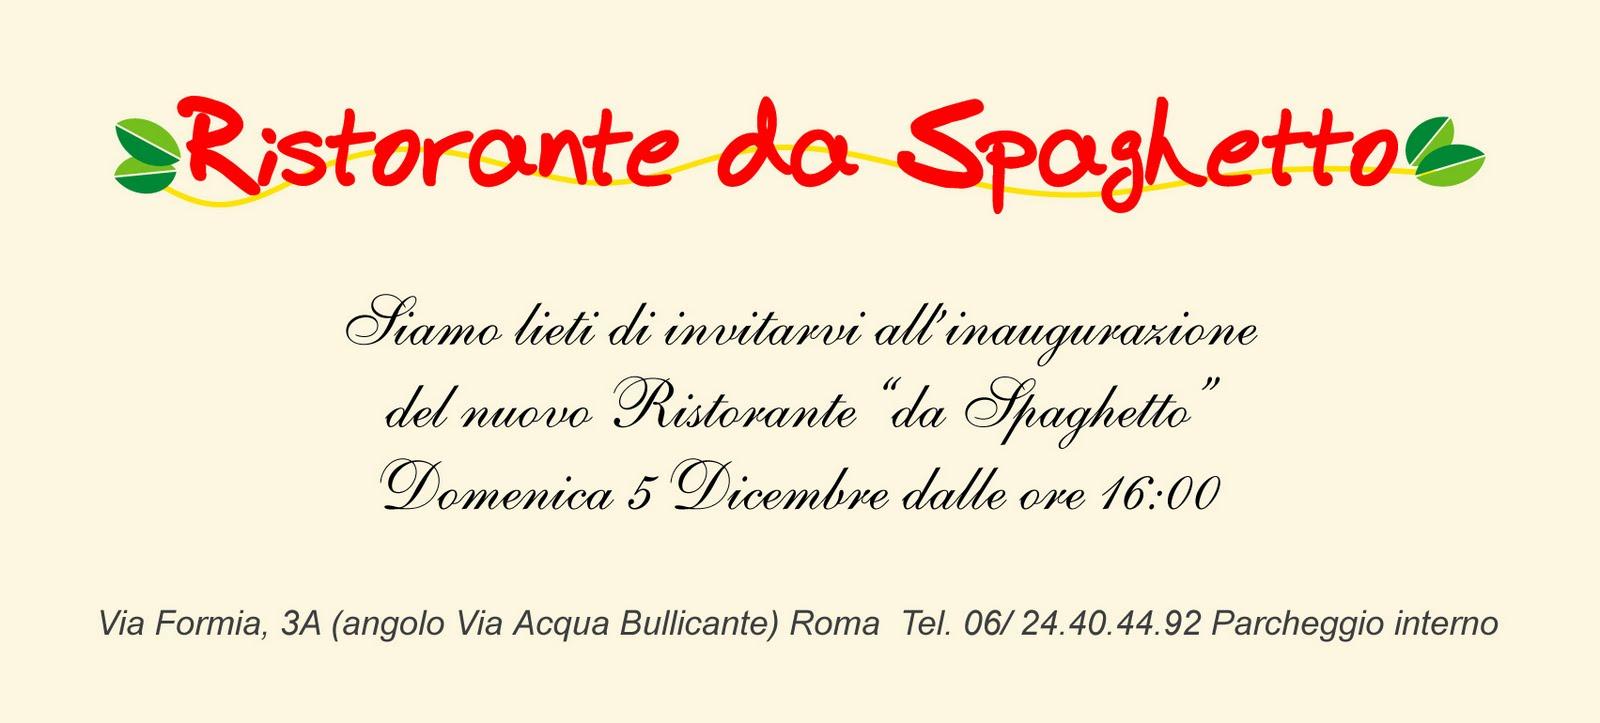 Ristorante Da Spaghetto Invito Inaugurazione Del Ristorante